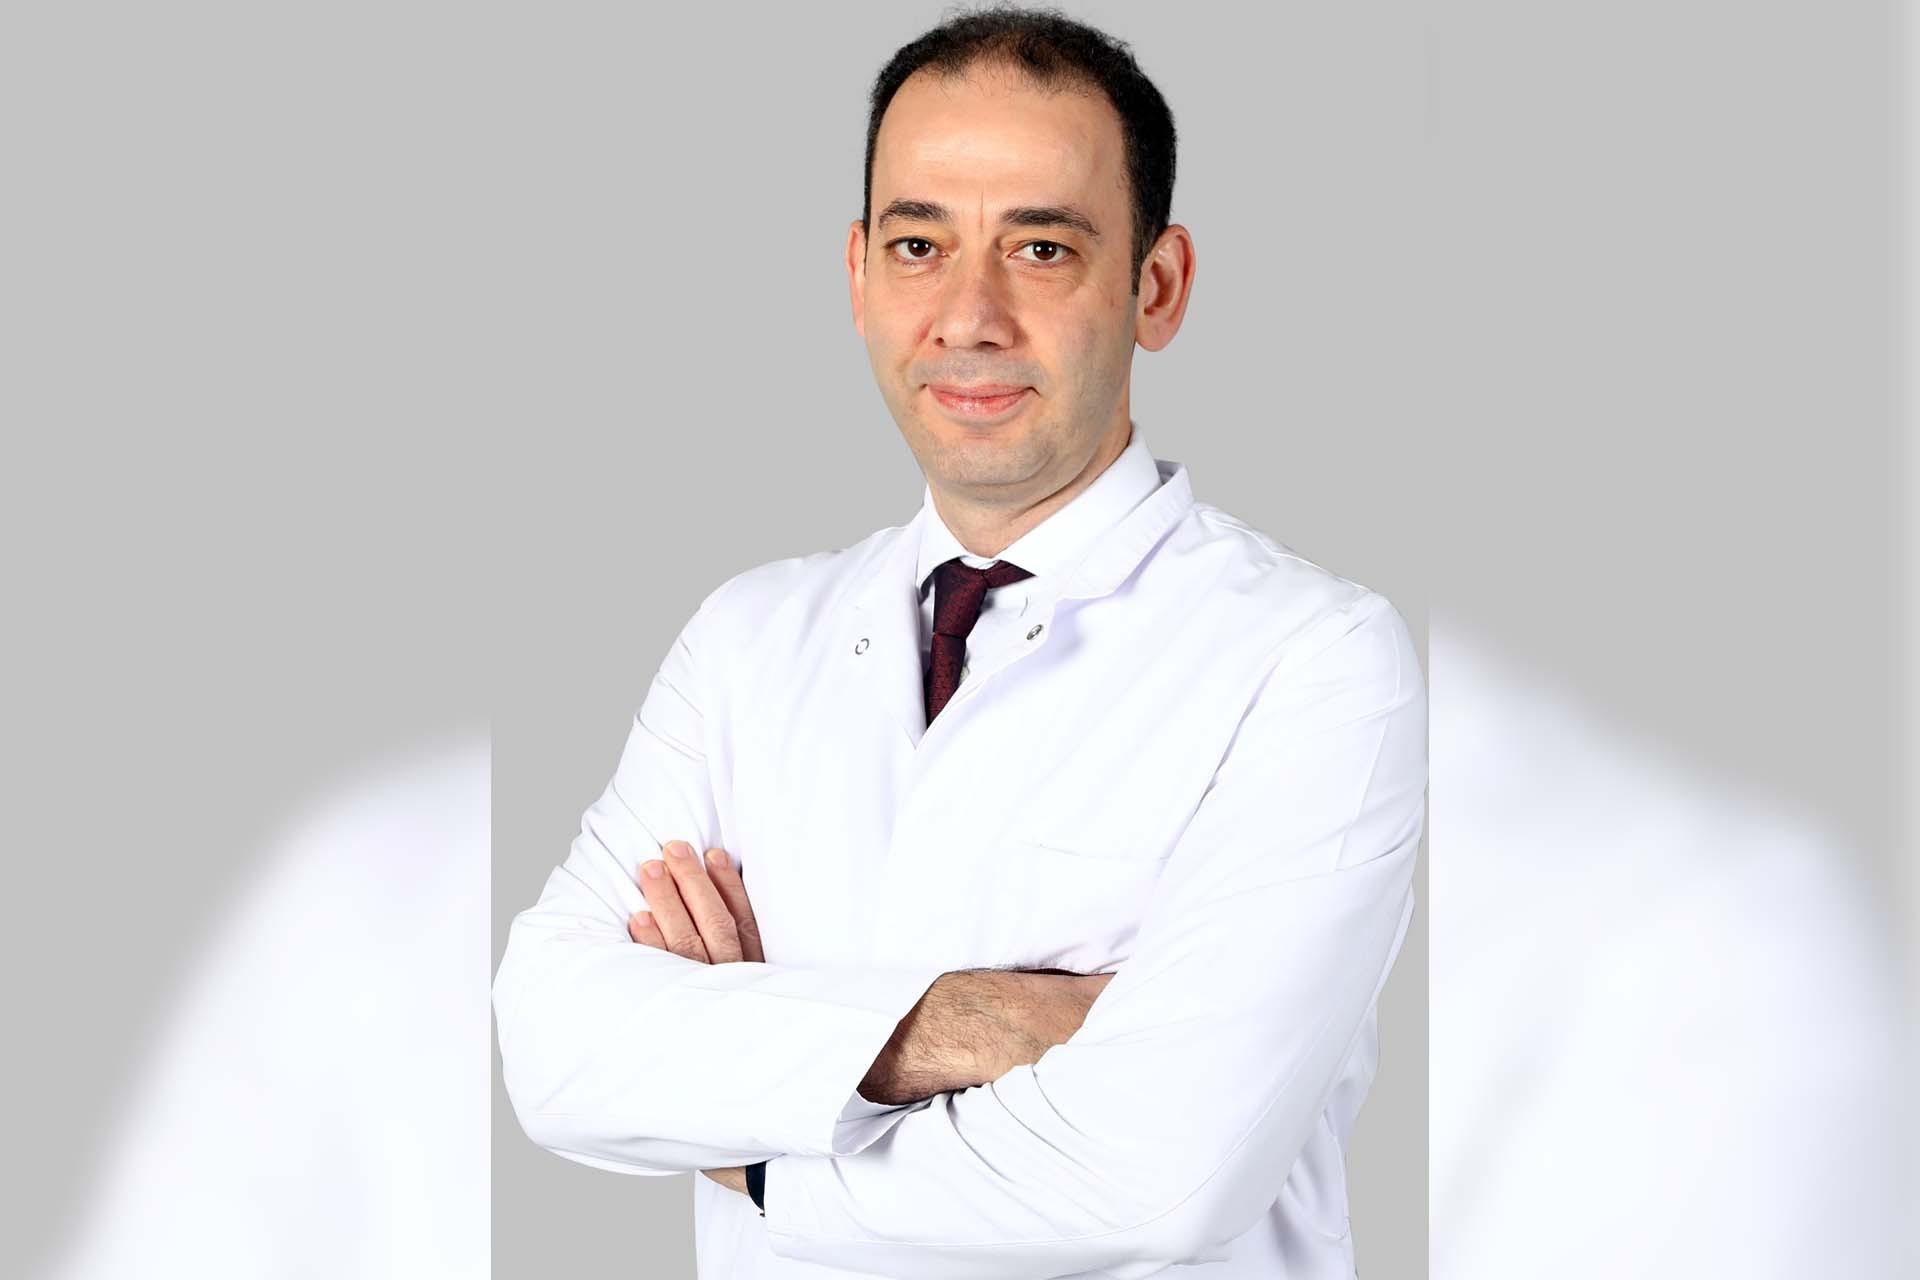 Göğüs Hastalıkları Uzmanı Dr. Mesut Bayraktaroğlu